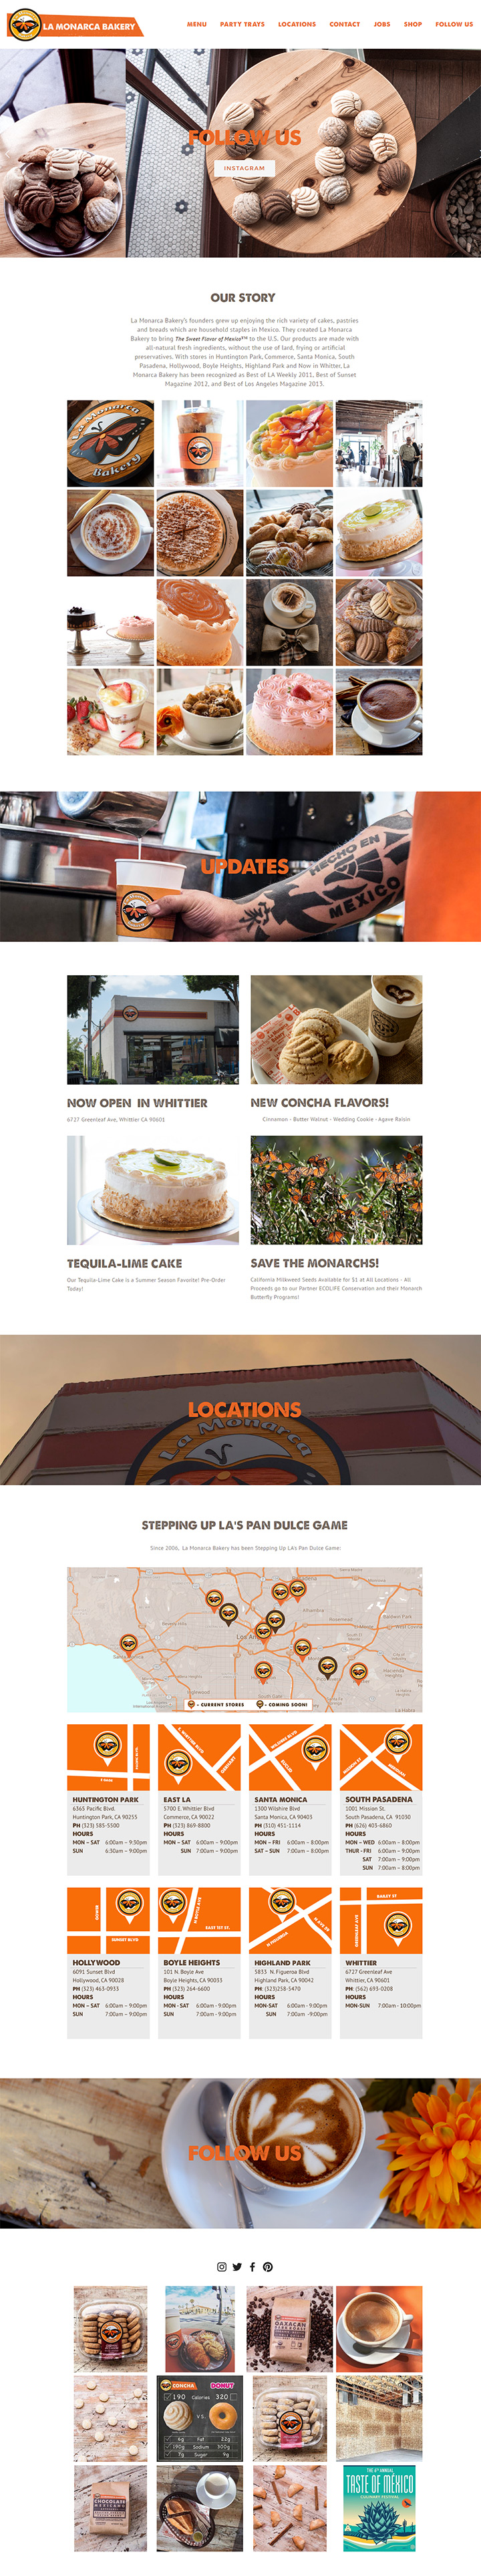 la monarca bakery